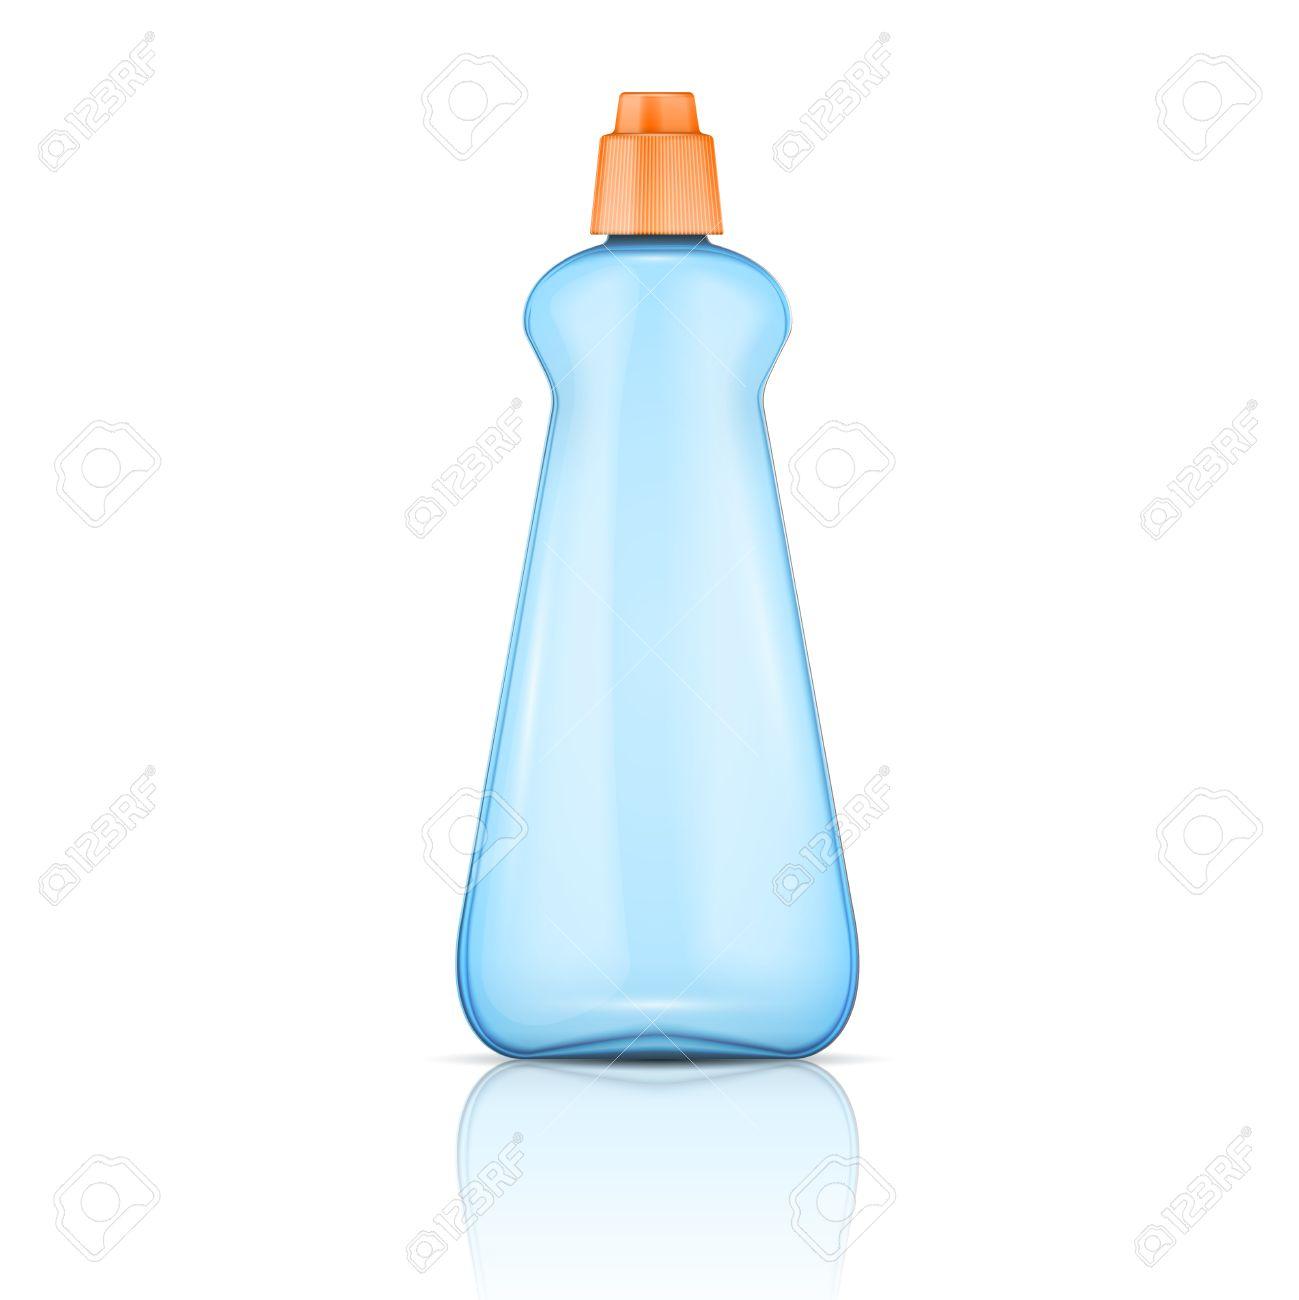 bouteille en plastique bleu avec capuchon orange pour lave-vaisselle